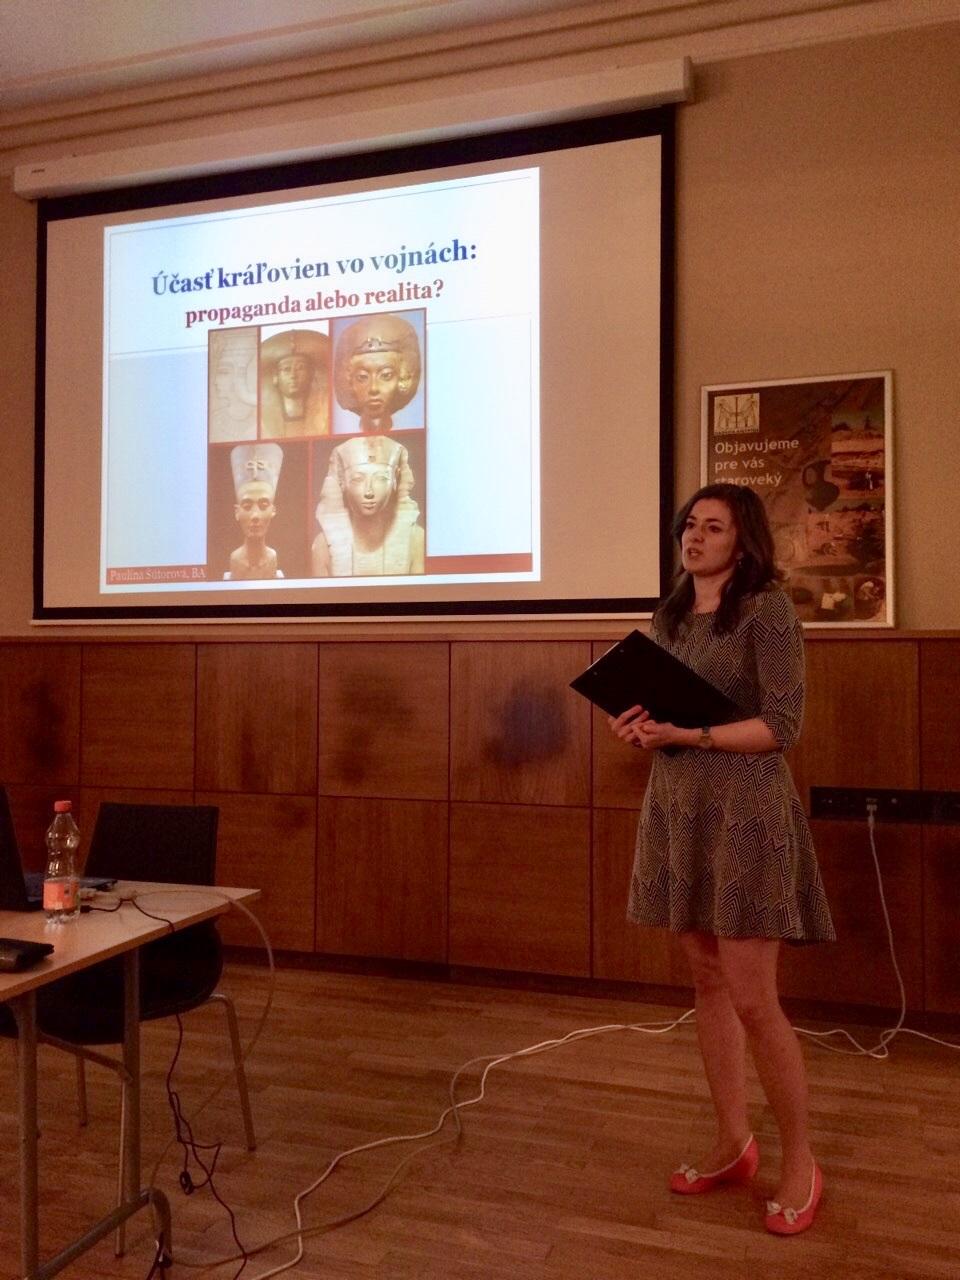 Rozhovor: Štúdium egyptológie je náročné, ale krásne